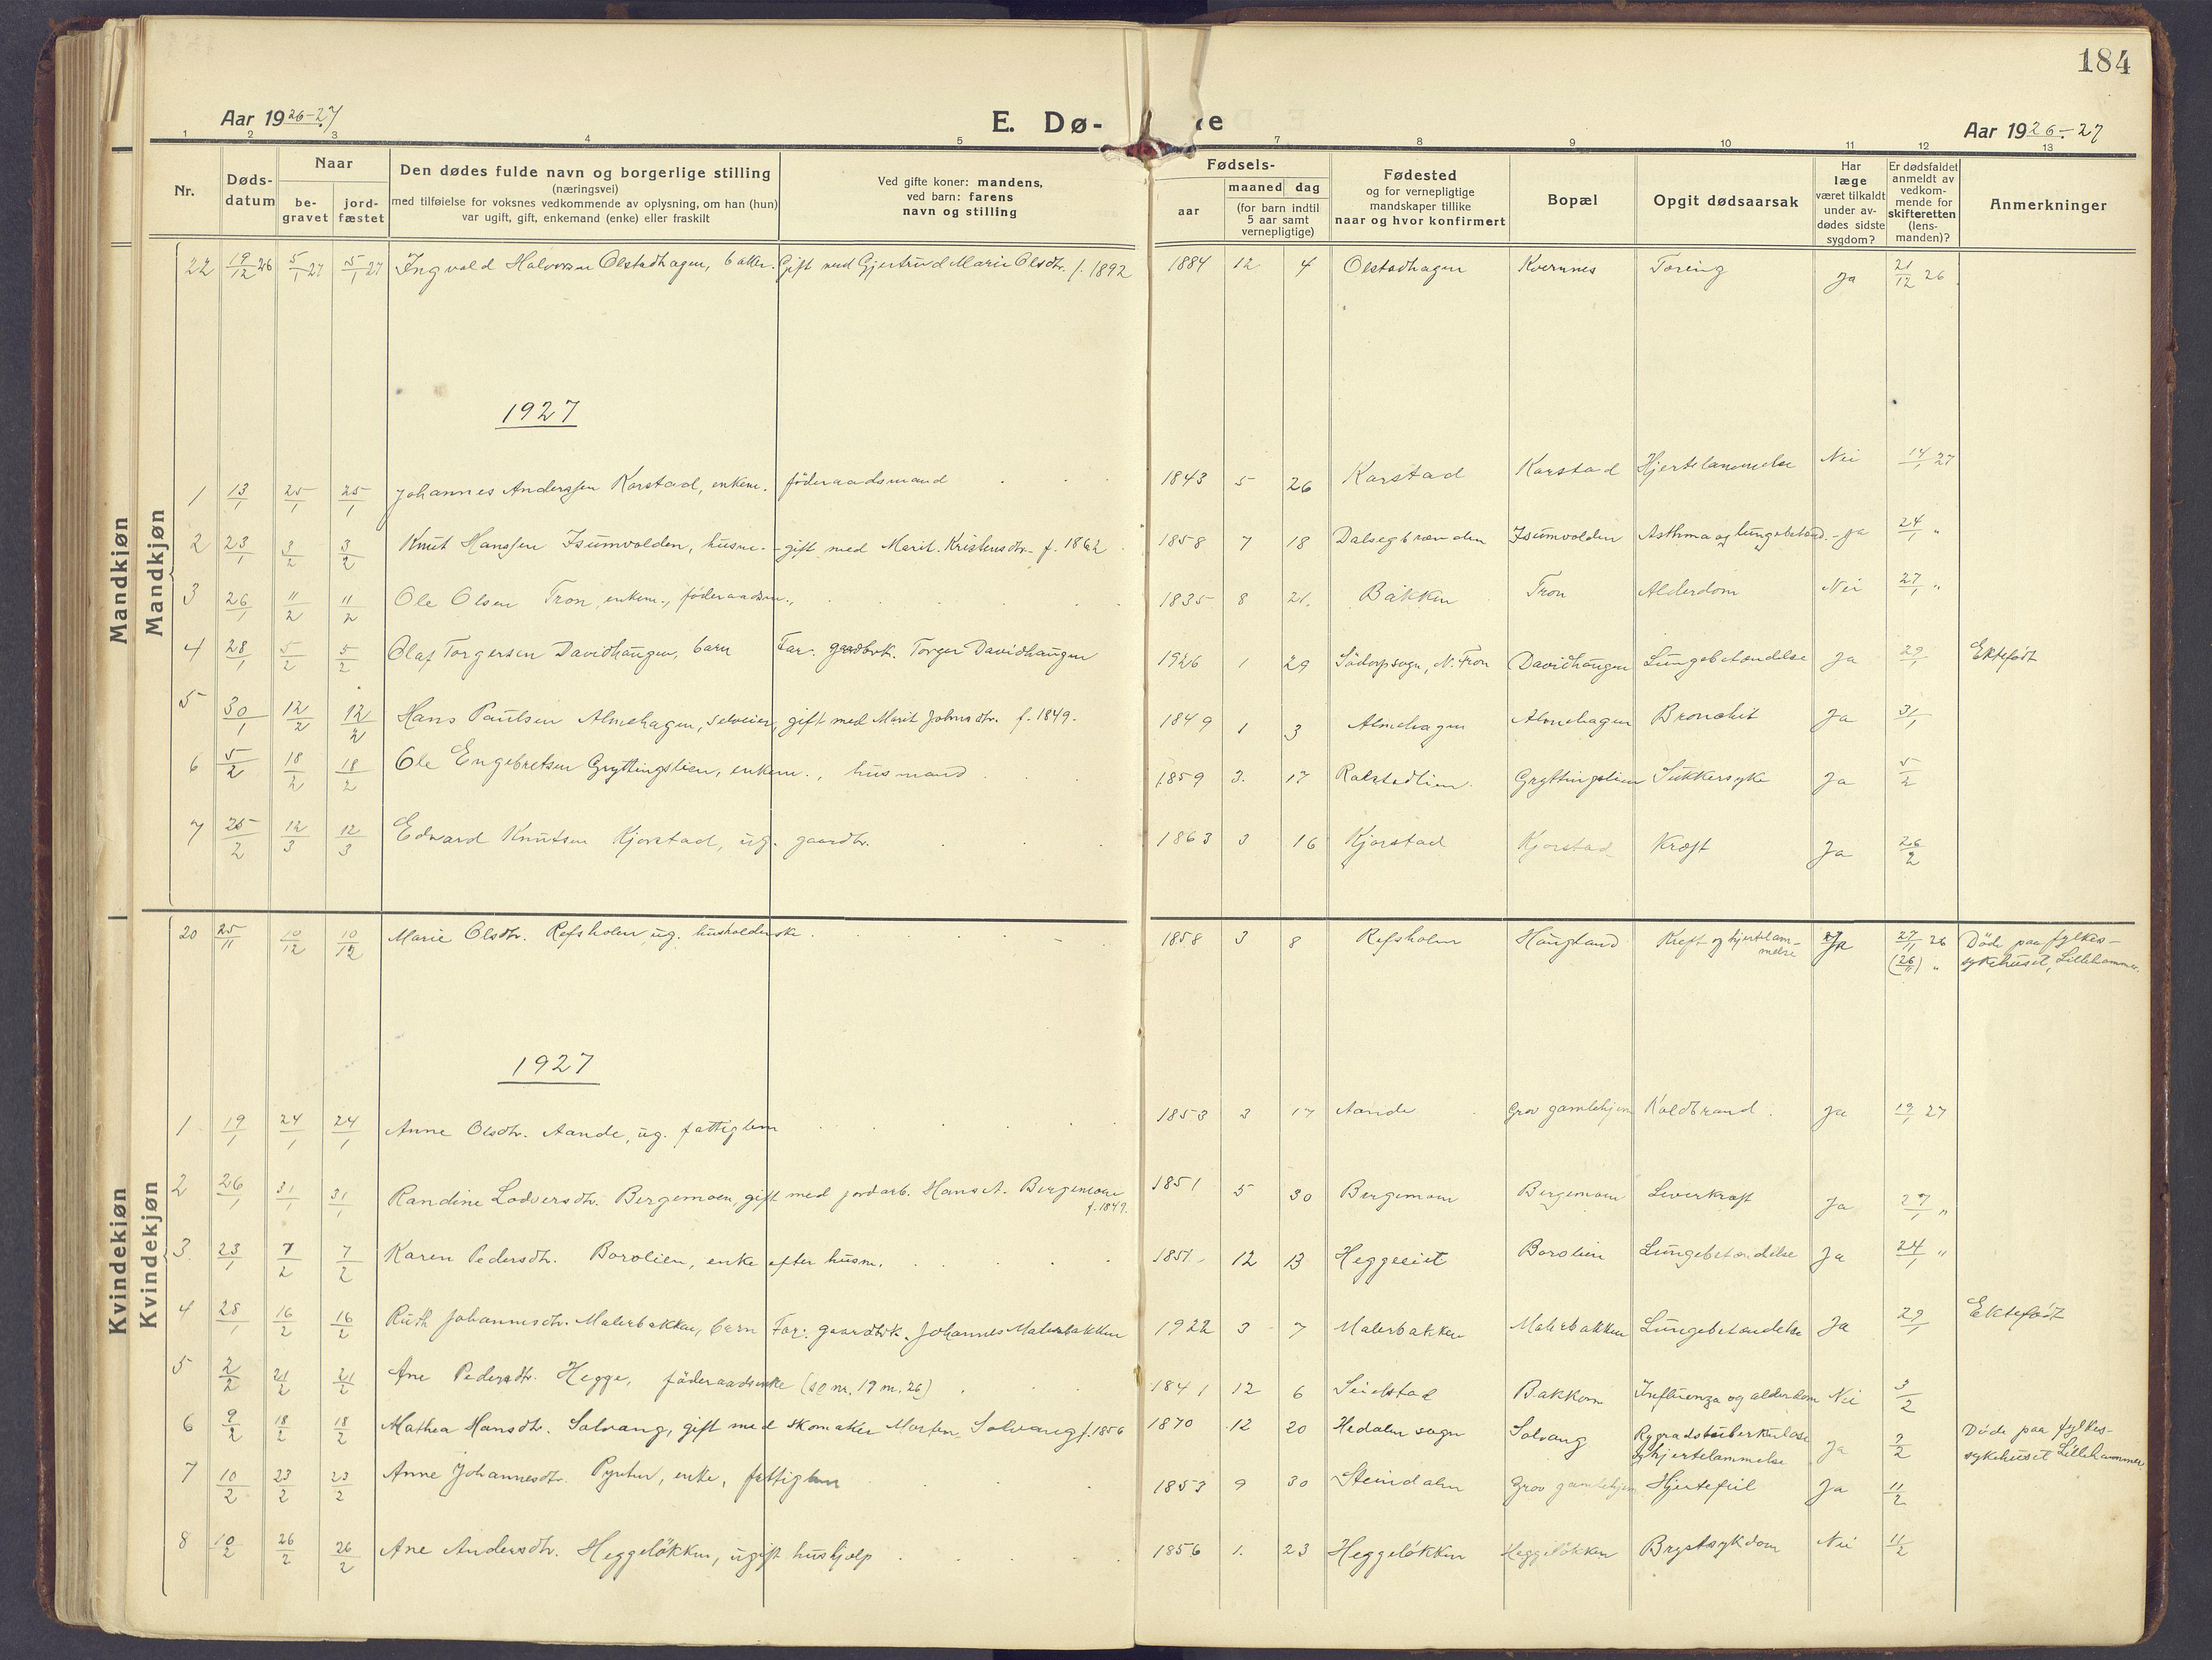 SAH, Sør-Fron prestekontor, H/Ha/Haa/L0005: Parish register (official) no. 5, 1920-1933, p. 184